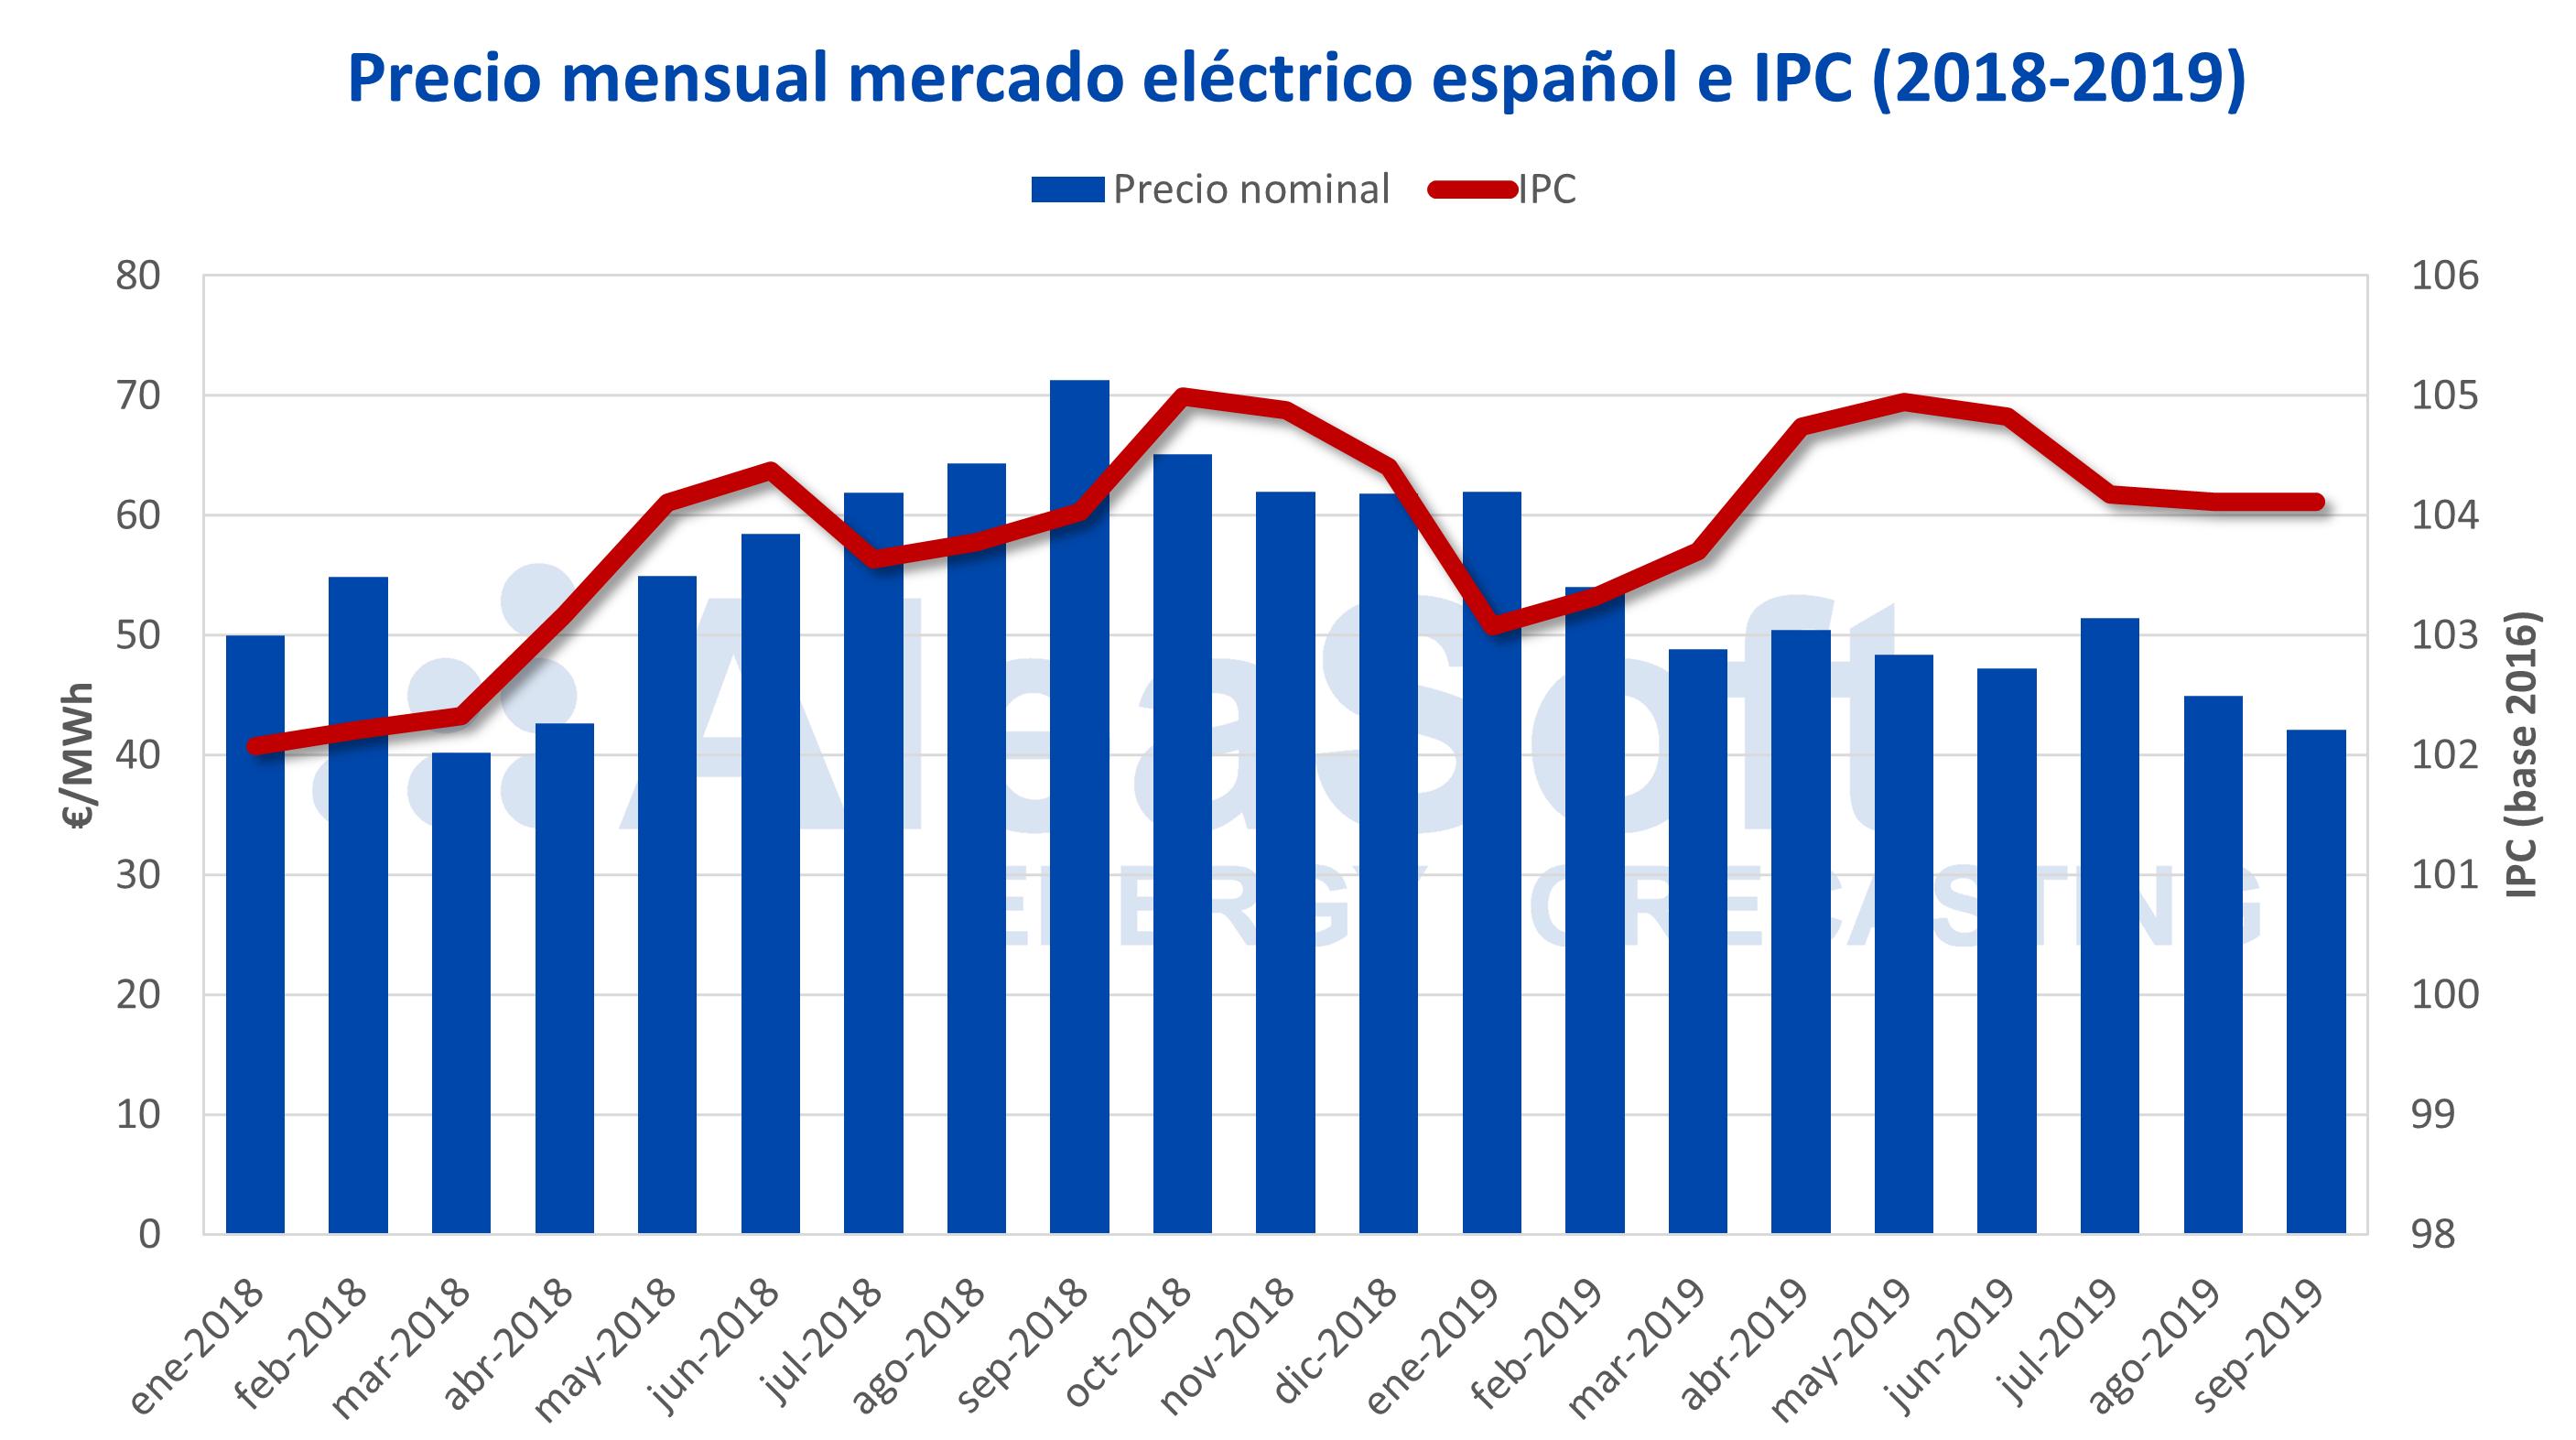 AleaSoft - Precio mensual mercado eléctrico español IPC 2018-2019